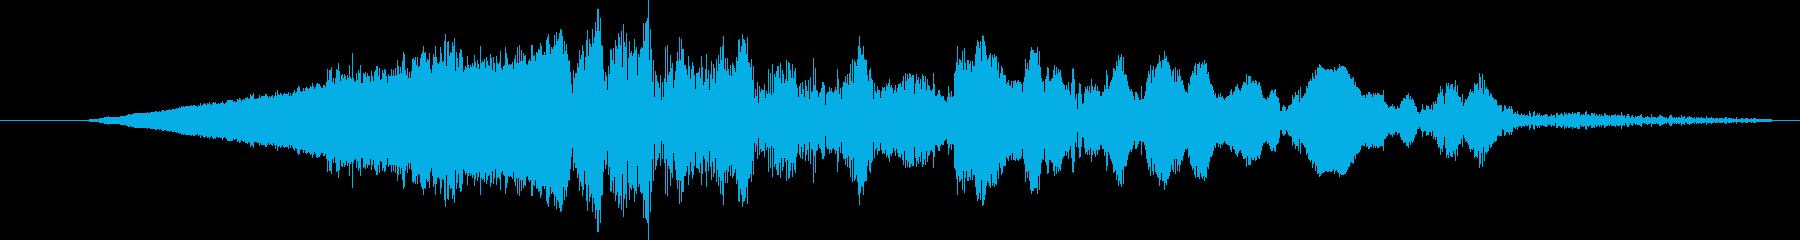 ローエリーランブルスローフェードインの再生済みの波形